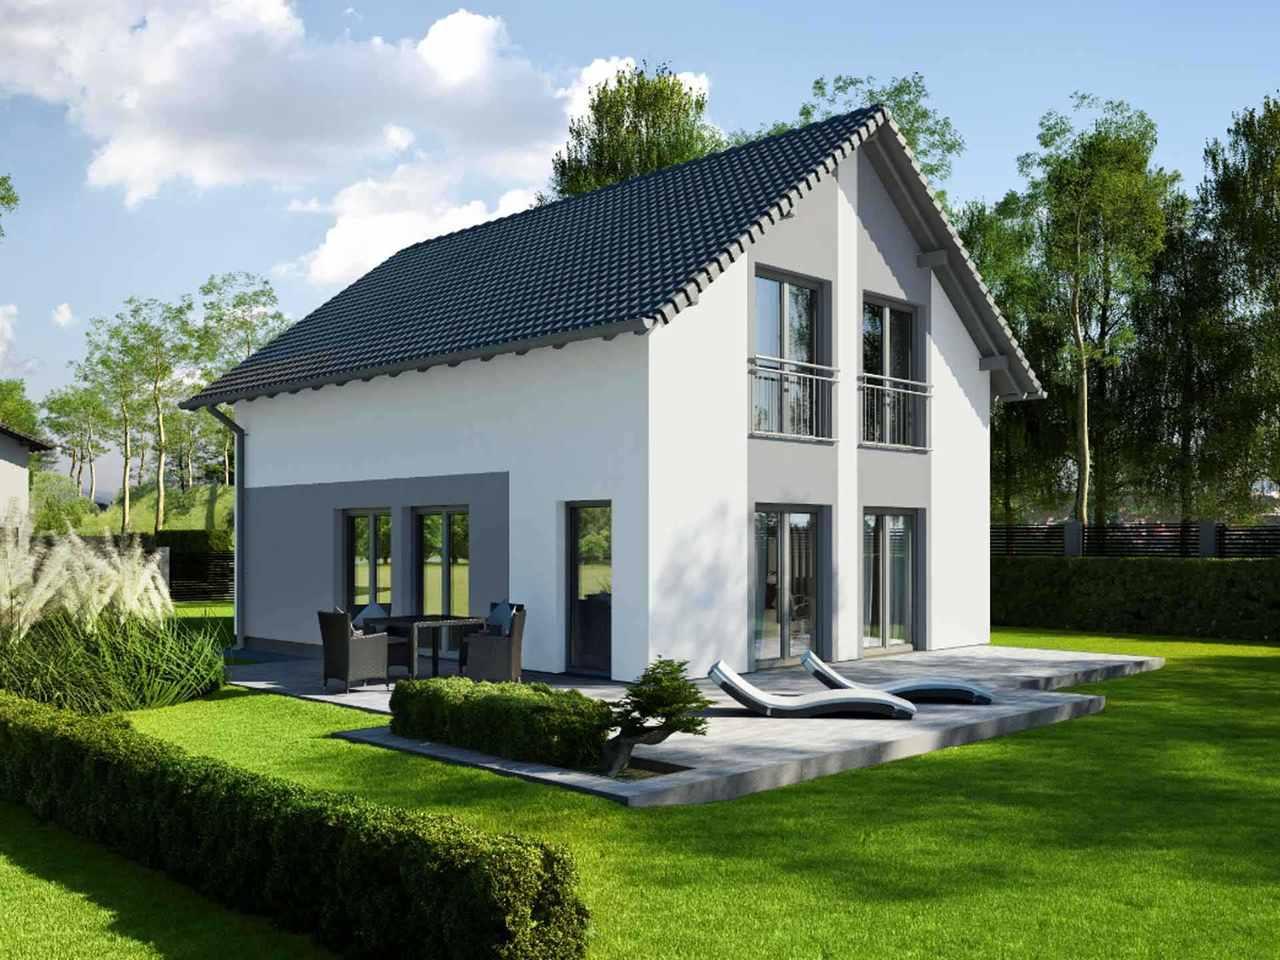 Einfamilienhaus Vielseitige 125 - ekodom Hausbau